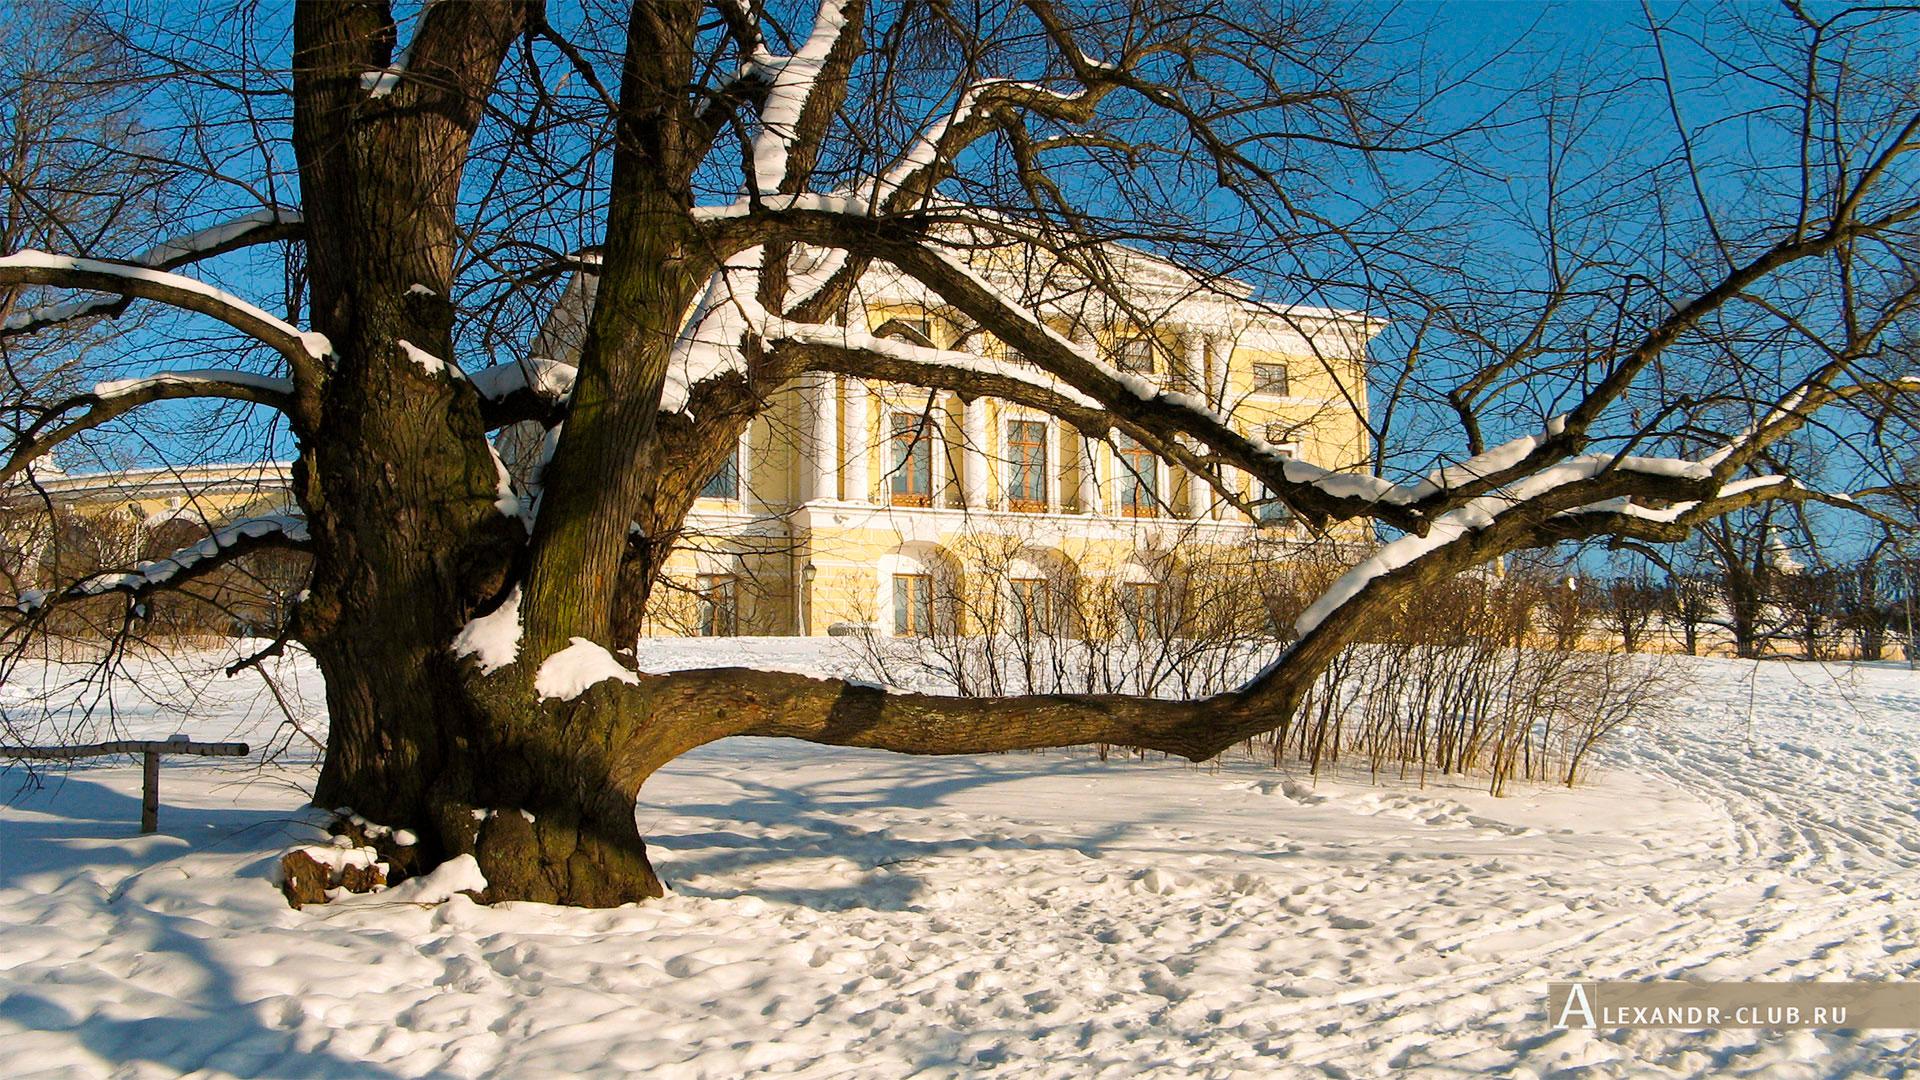 Павловск, зима, Павловский парк, Павловский дворец